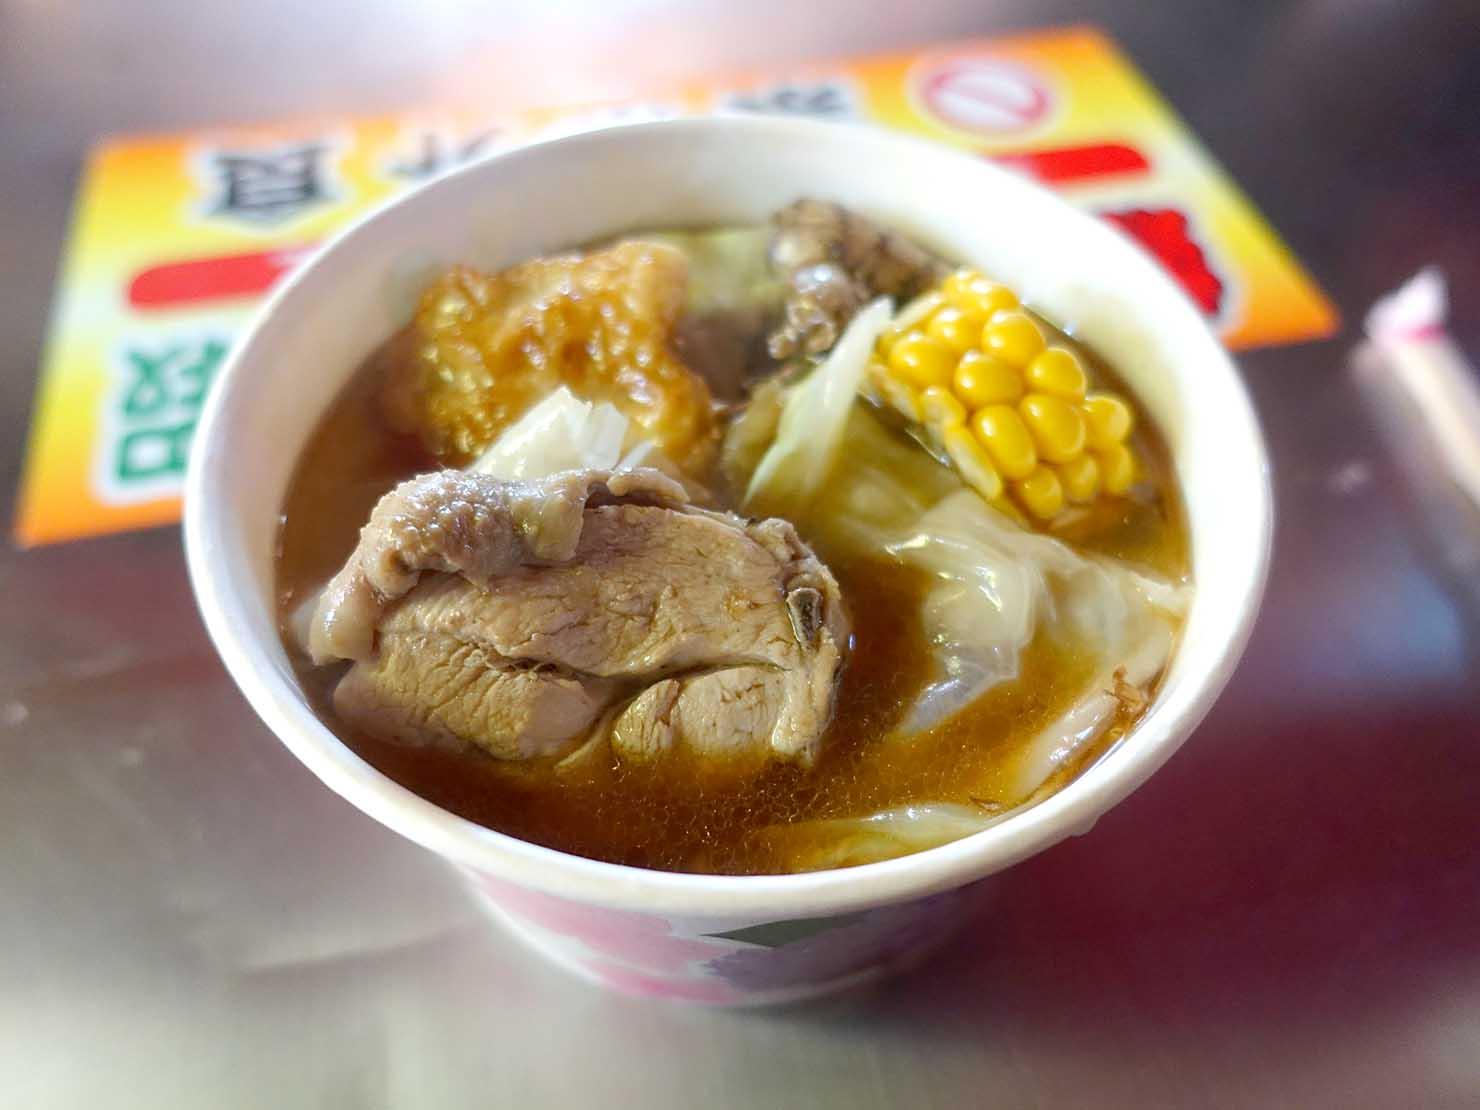 台湾冬グルメの定番メニュー「麻油雞」